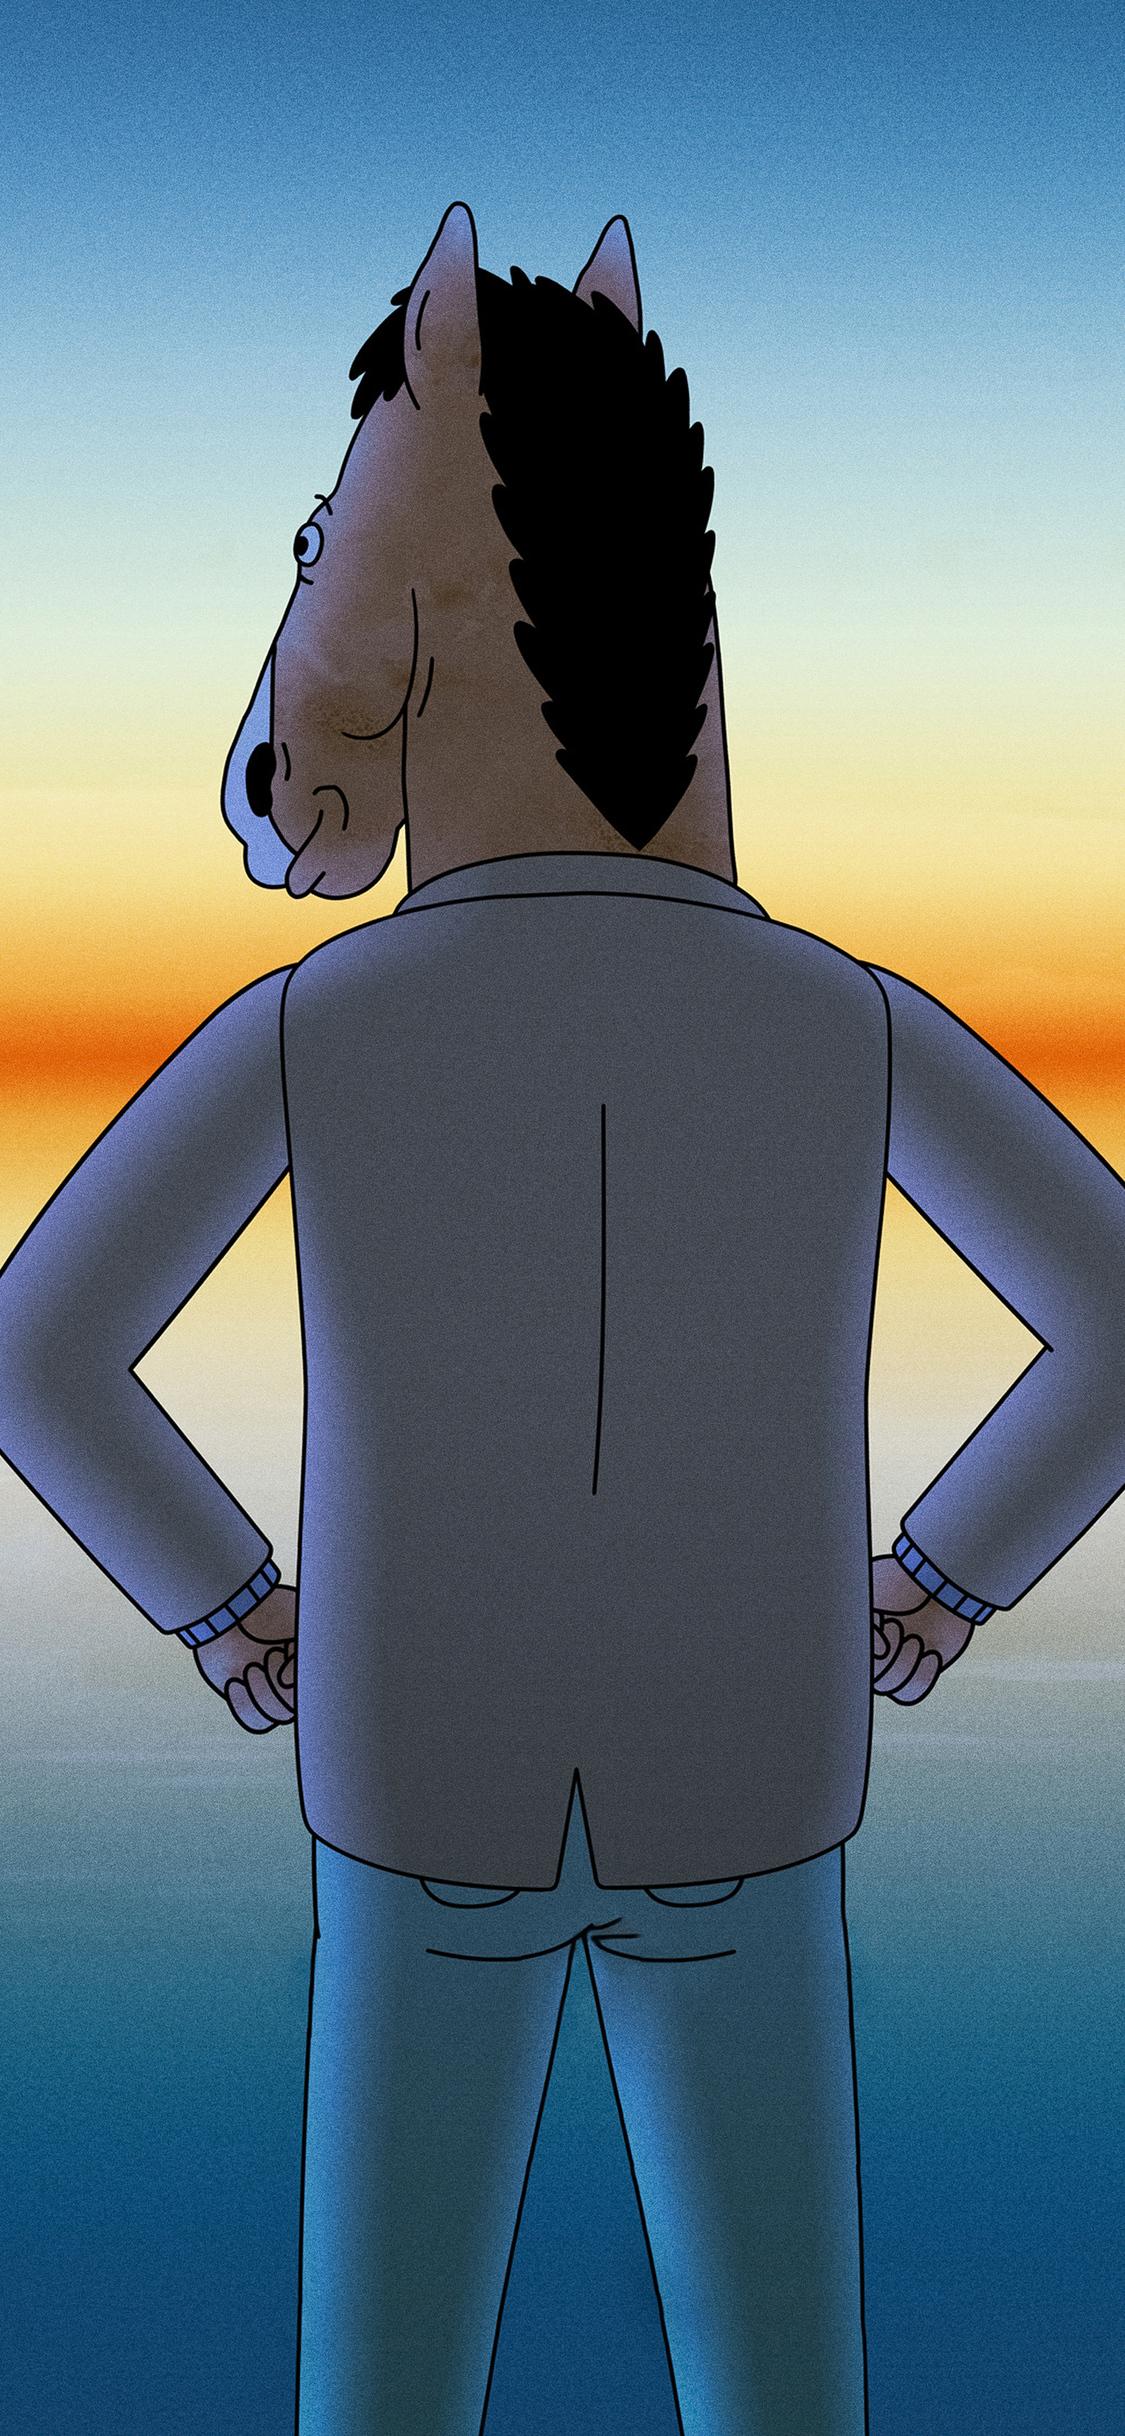 bojack-horseman-season-6-poster-v2.jpg